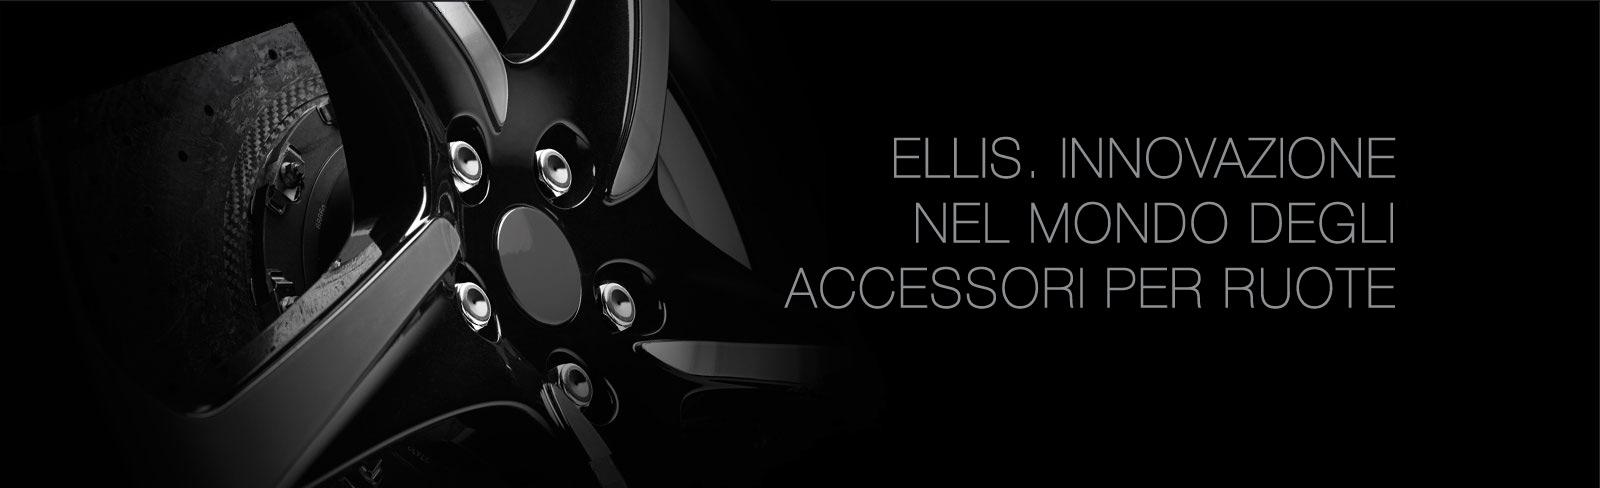 ellis homepage slogan IT